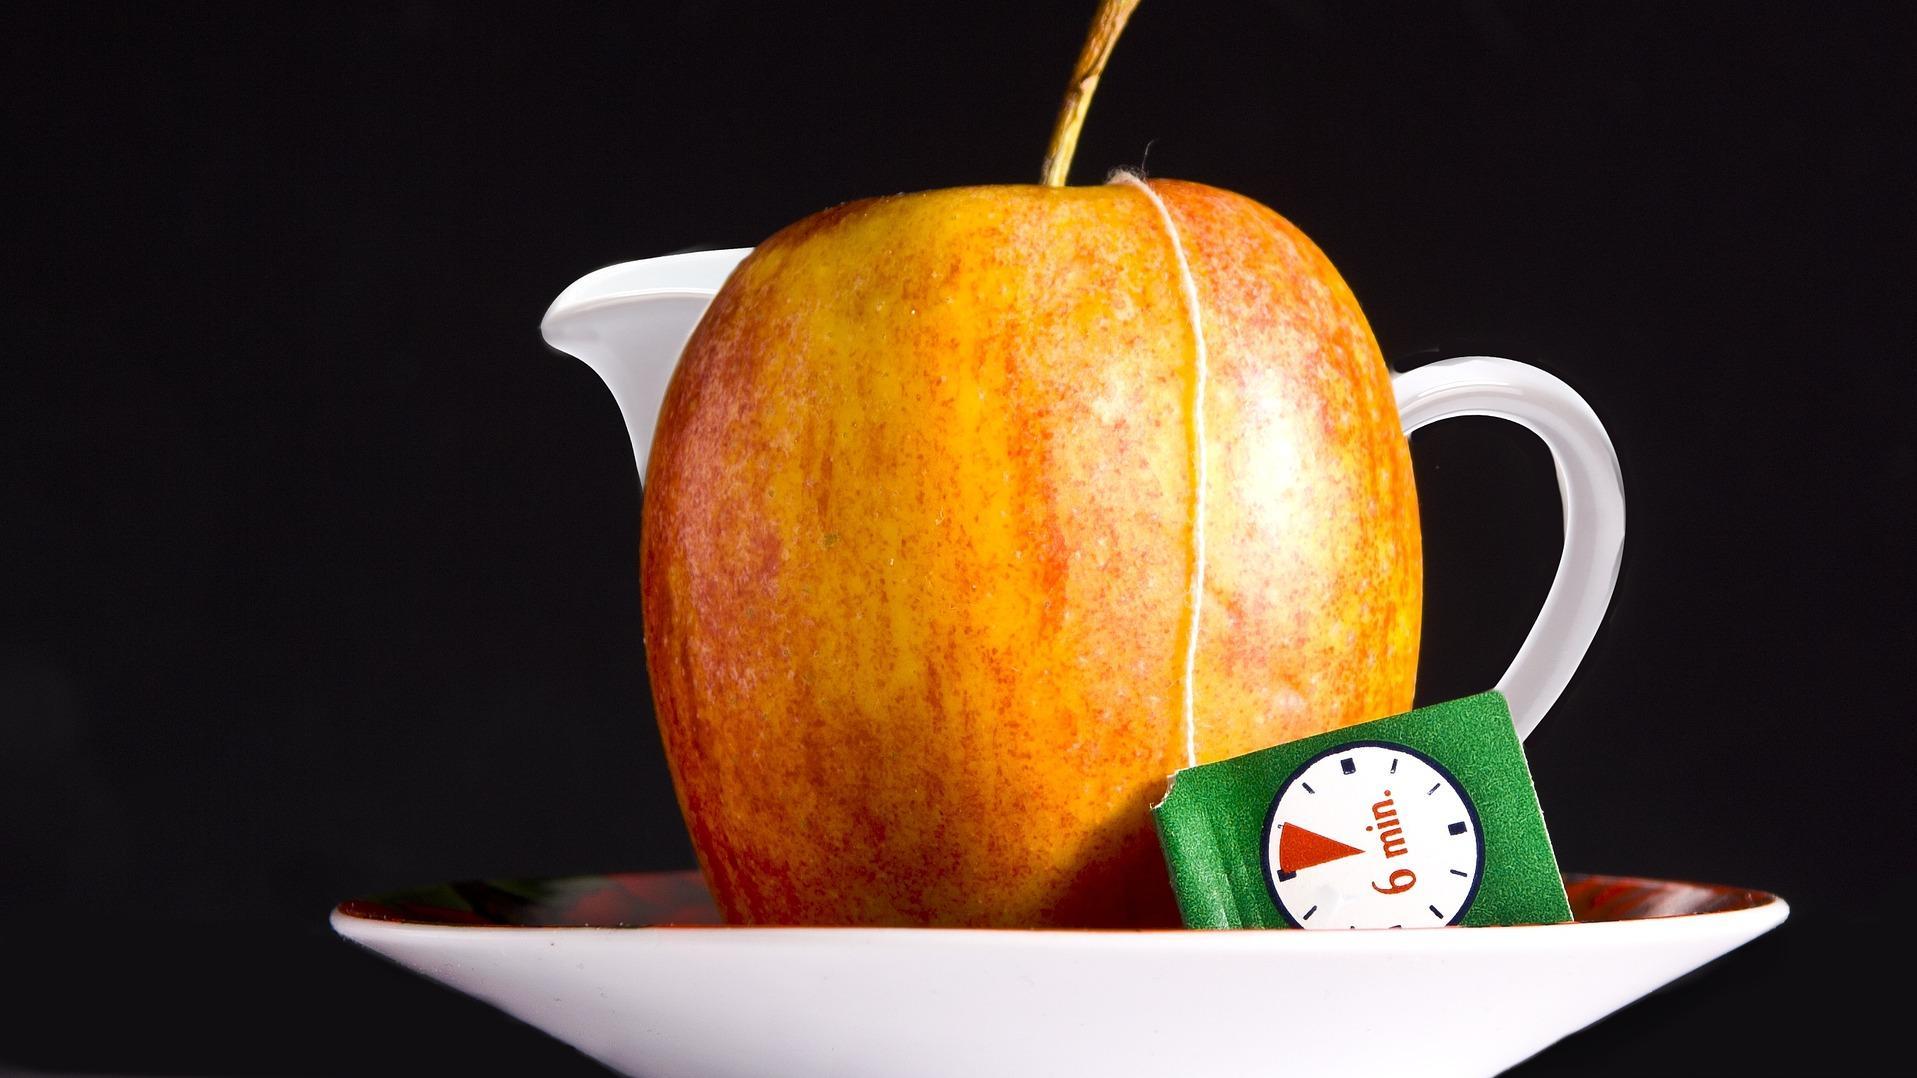 Apfeltee selber machen: Zubereitung und Wirkung